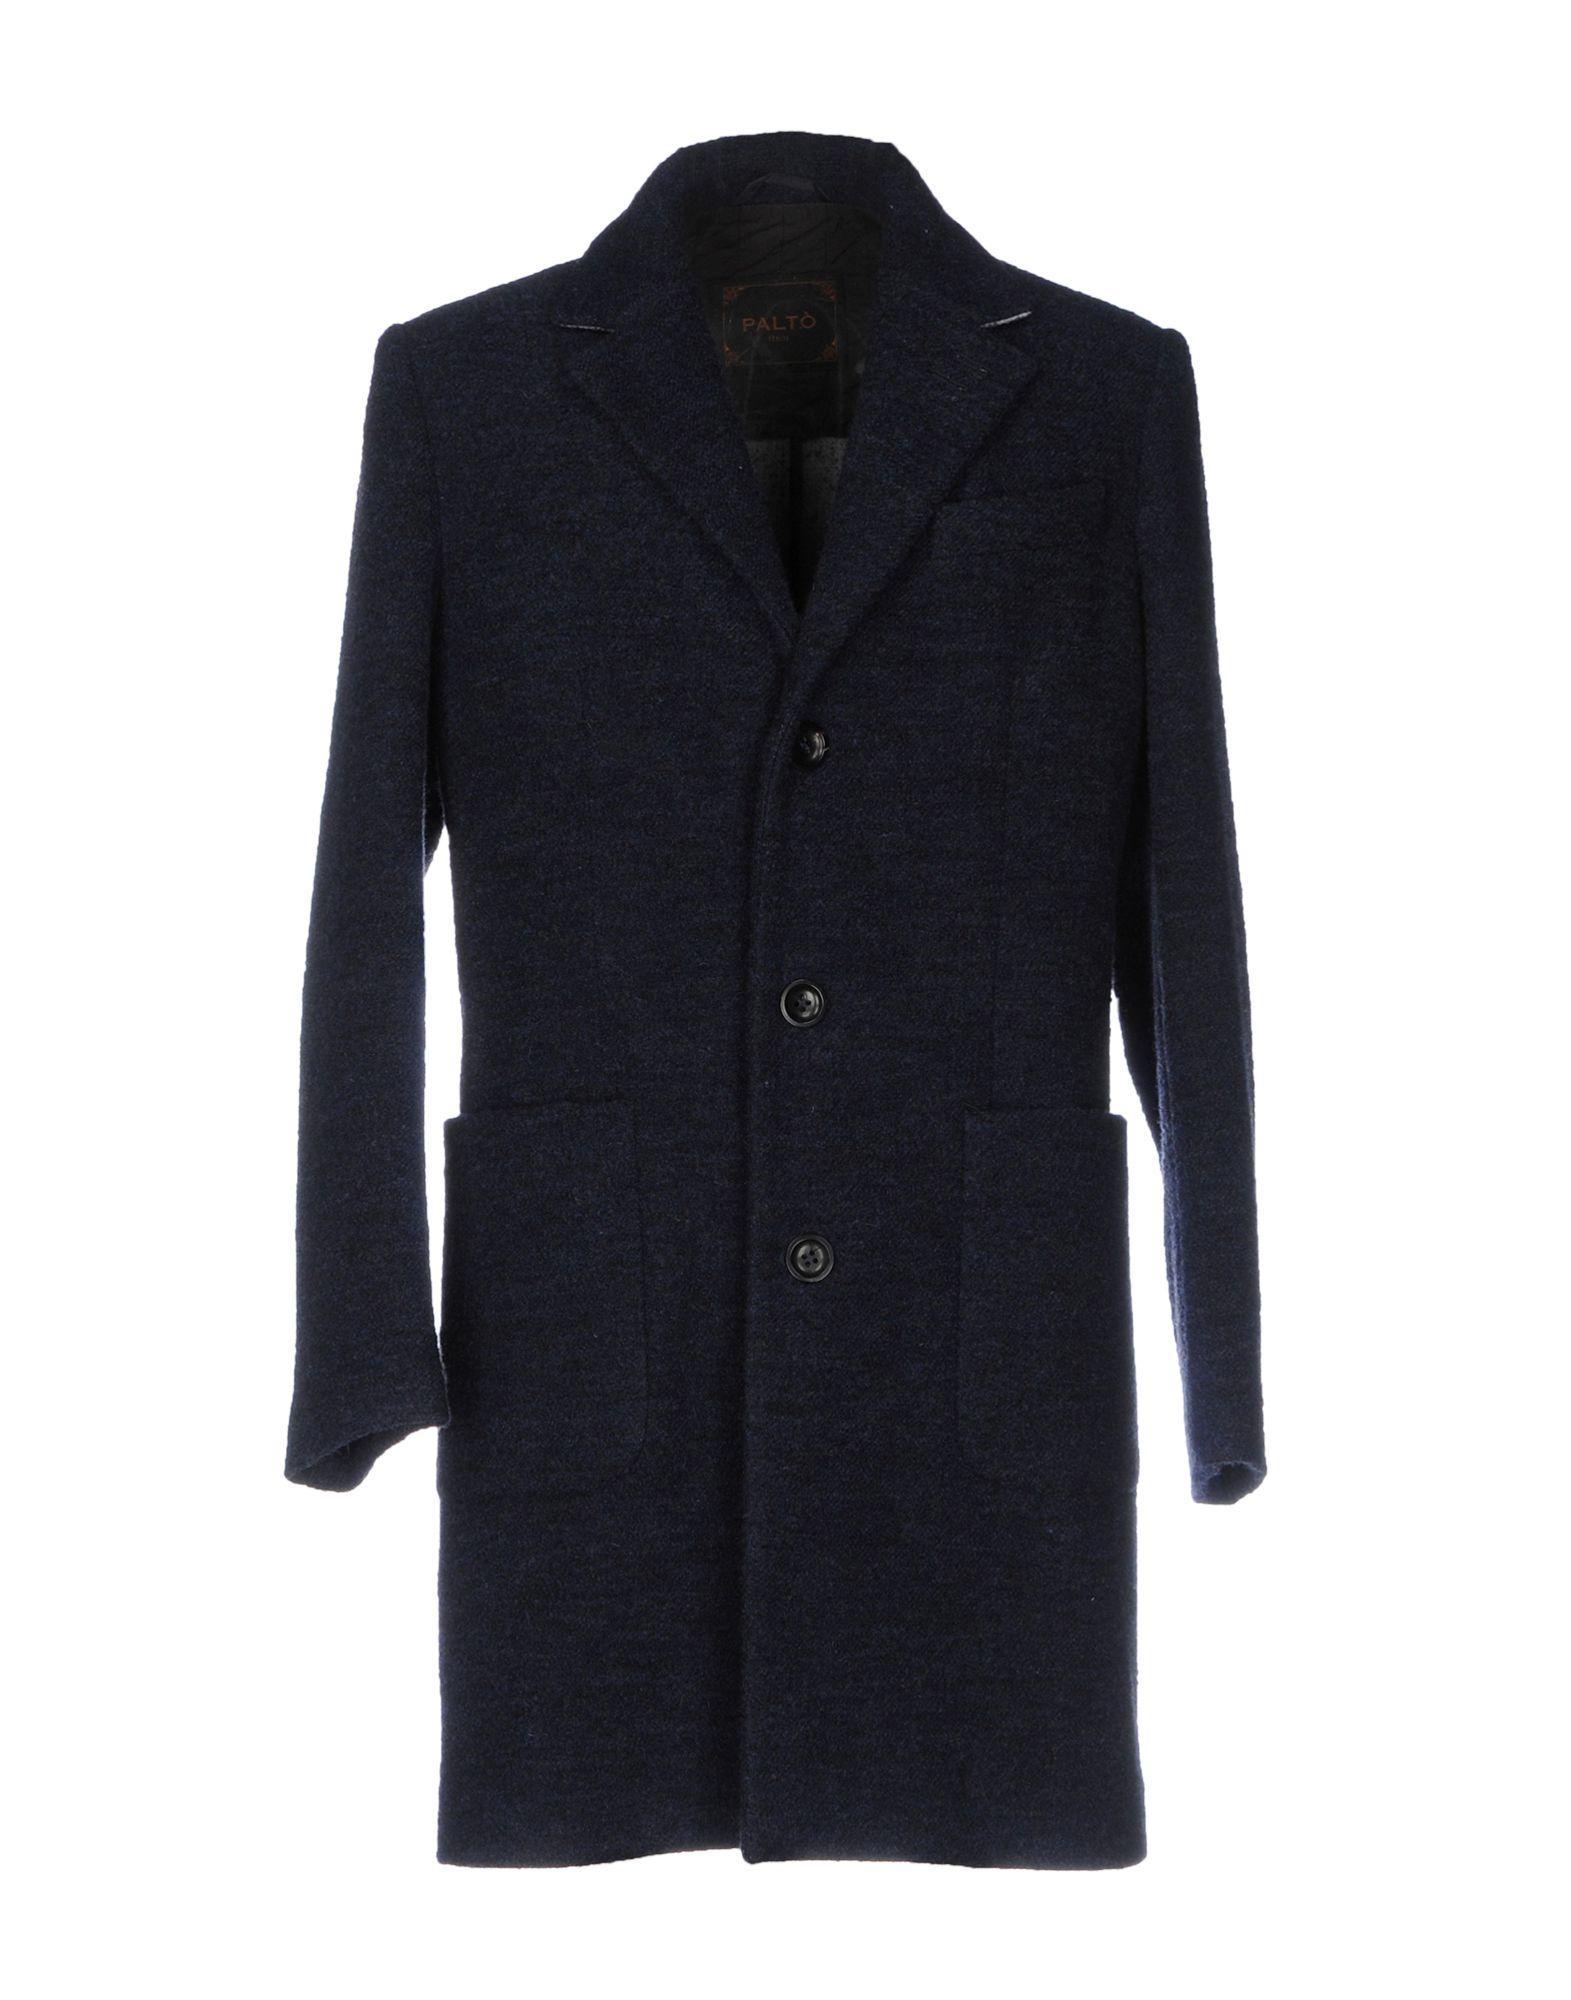 PaltÒ Coats In Dark Blue